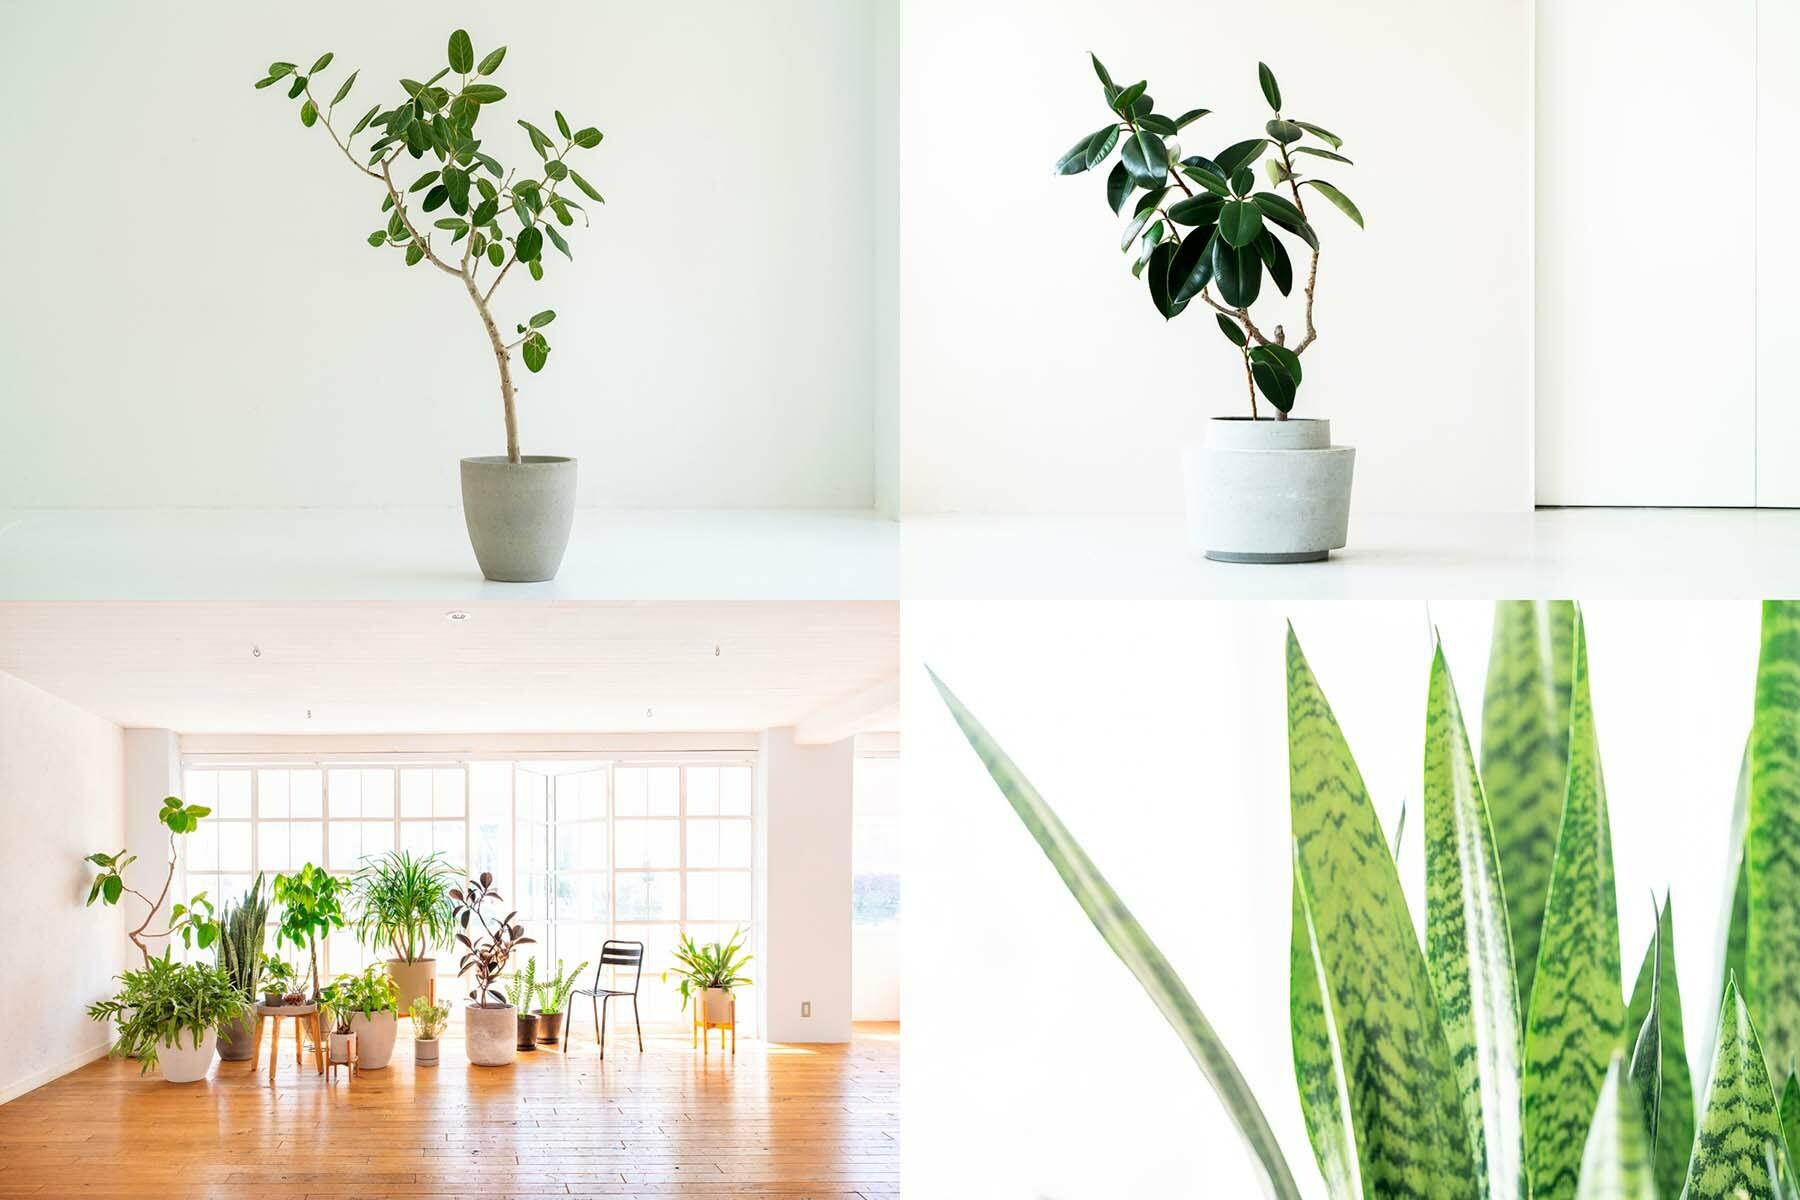 StudioBRICK 1F (スタジオブリック八丁堀1F)川沿いの開放的な屋上